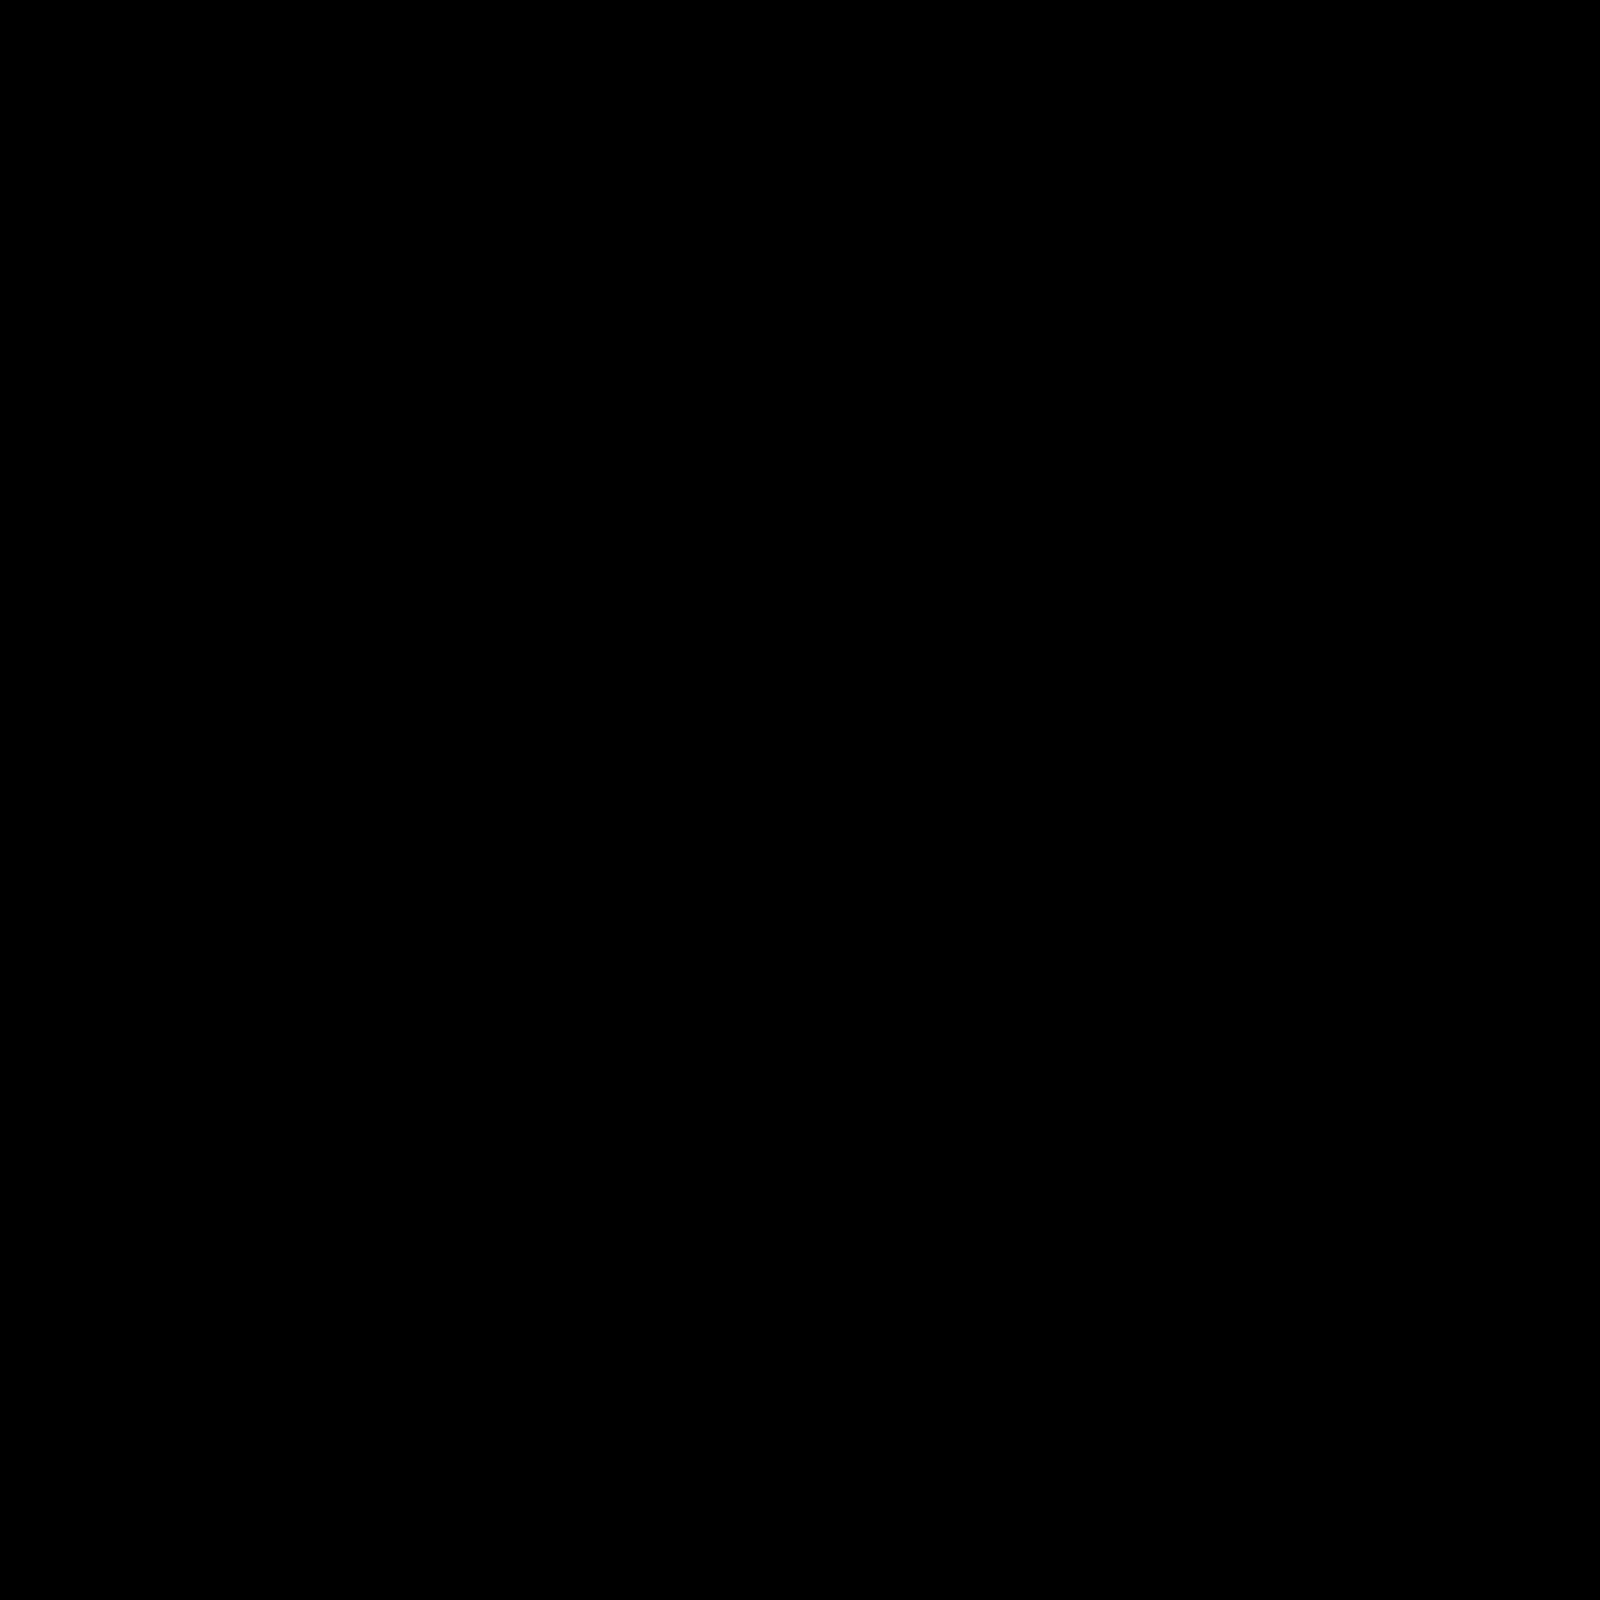 Firearm submachine computer icons. Clipart gun machine gun